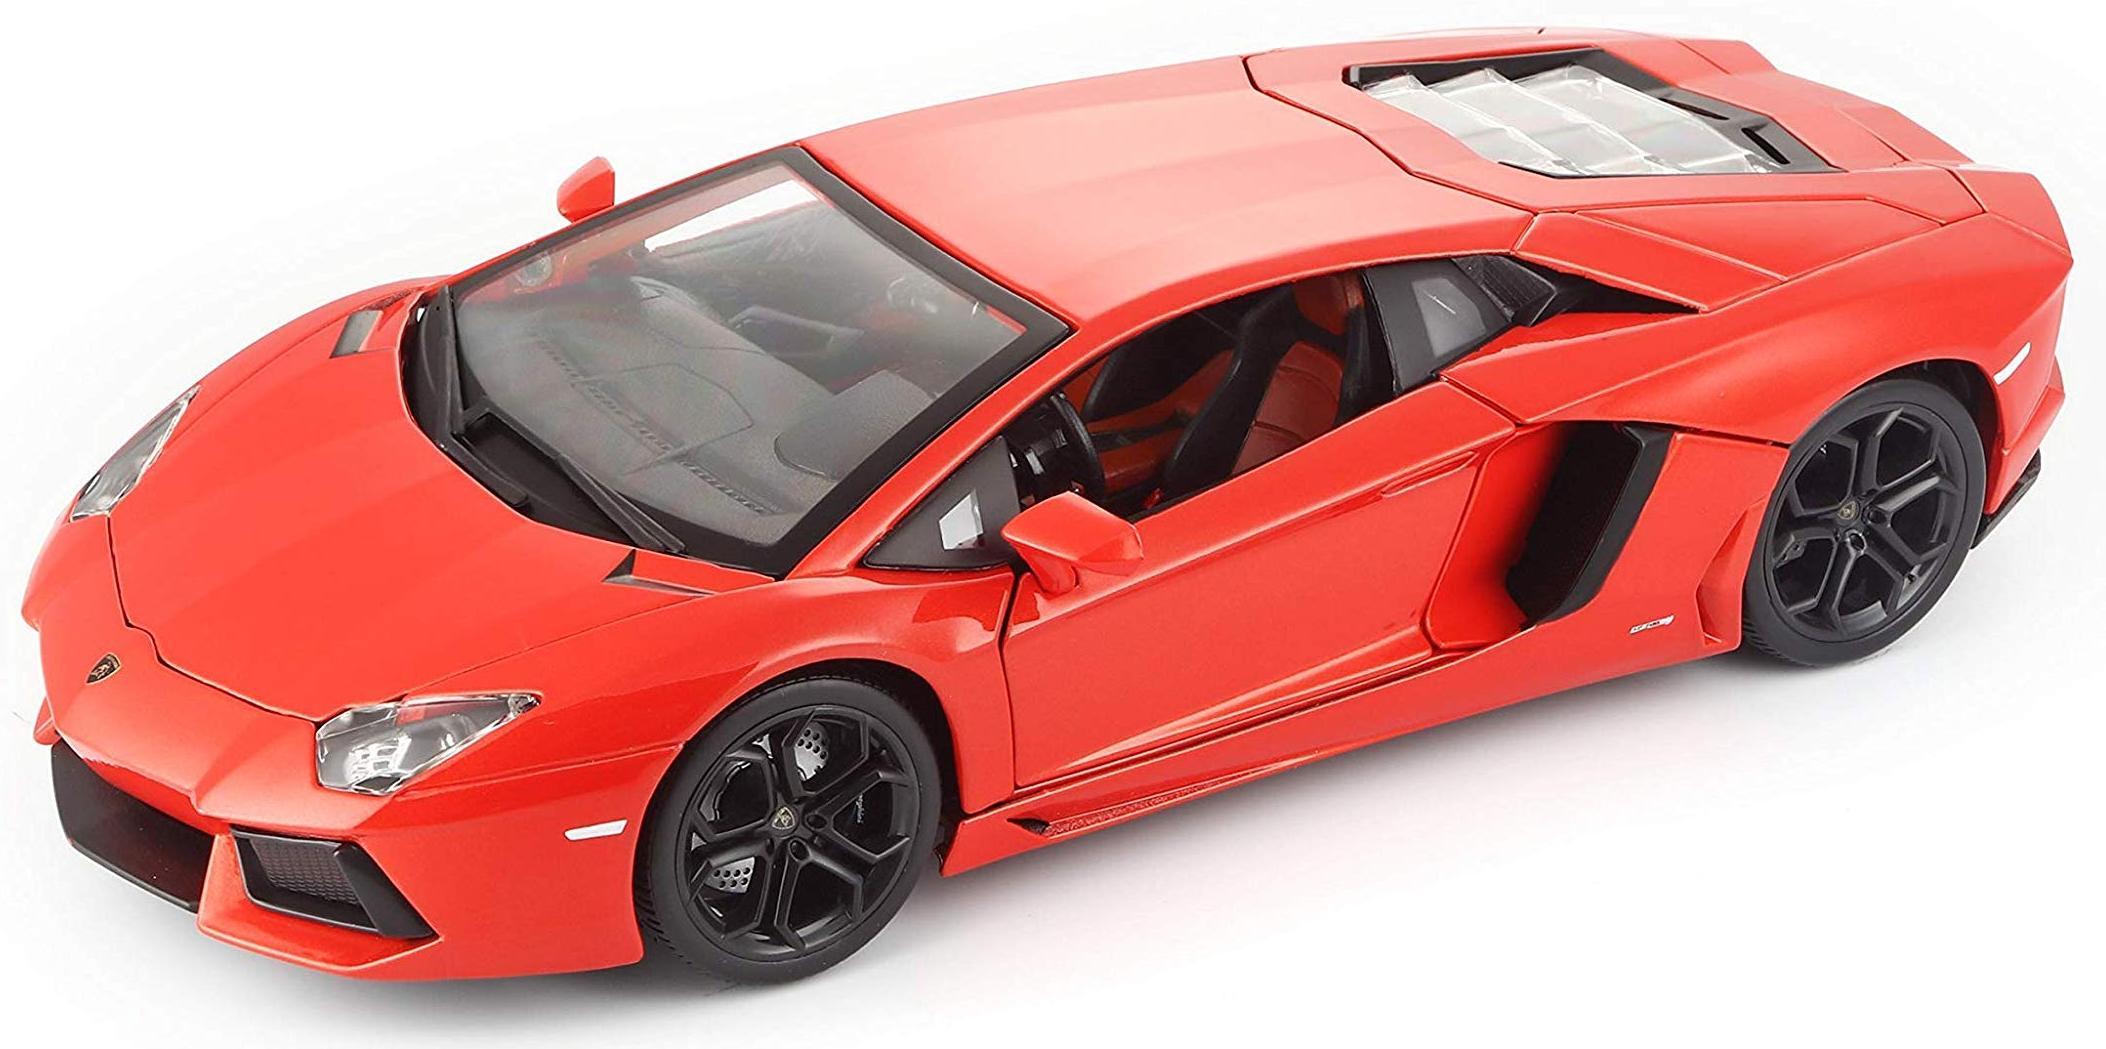 Купить BBURAGO Коллекционнная машина BB 18-11033 1:18 PLUS LAMBORGHINI AVENTADOR LP700-4 MET ORANGE, Оранжевый , Гонконг